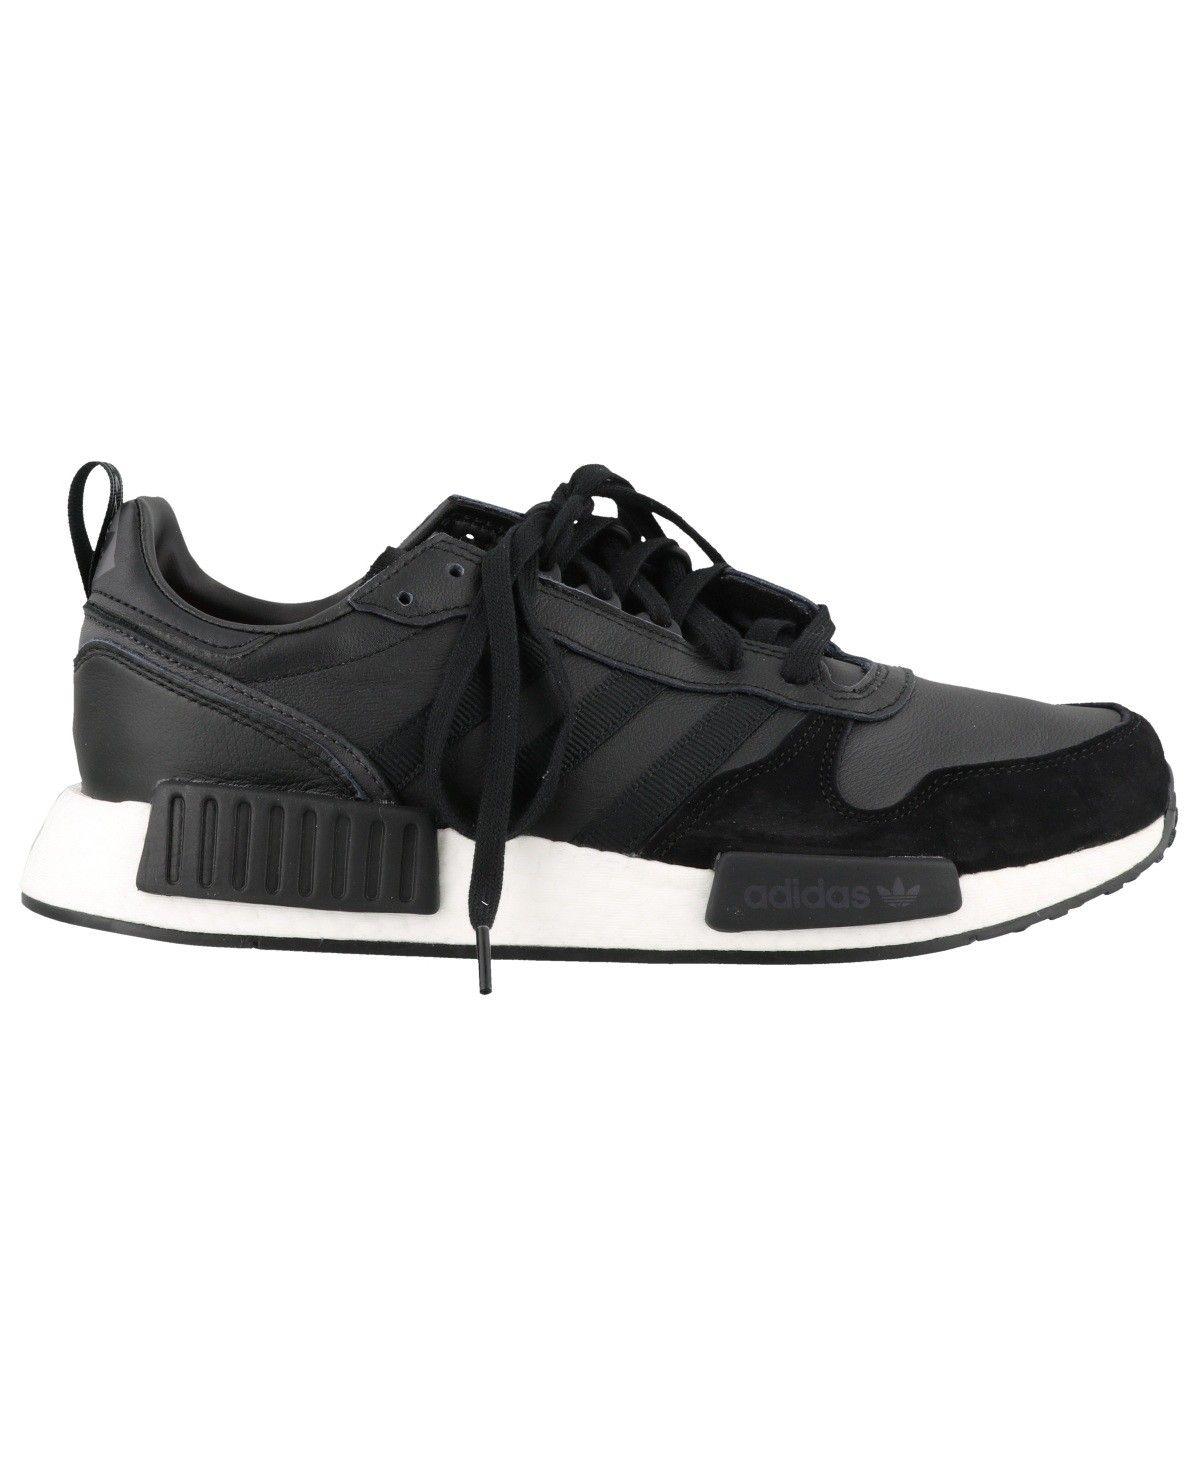 best authentic 5b7aa 1c357 ADIDAS ORIGINALS Rising star xR1 NMD运动鞋. #adidasoriginals ...